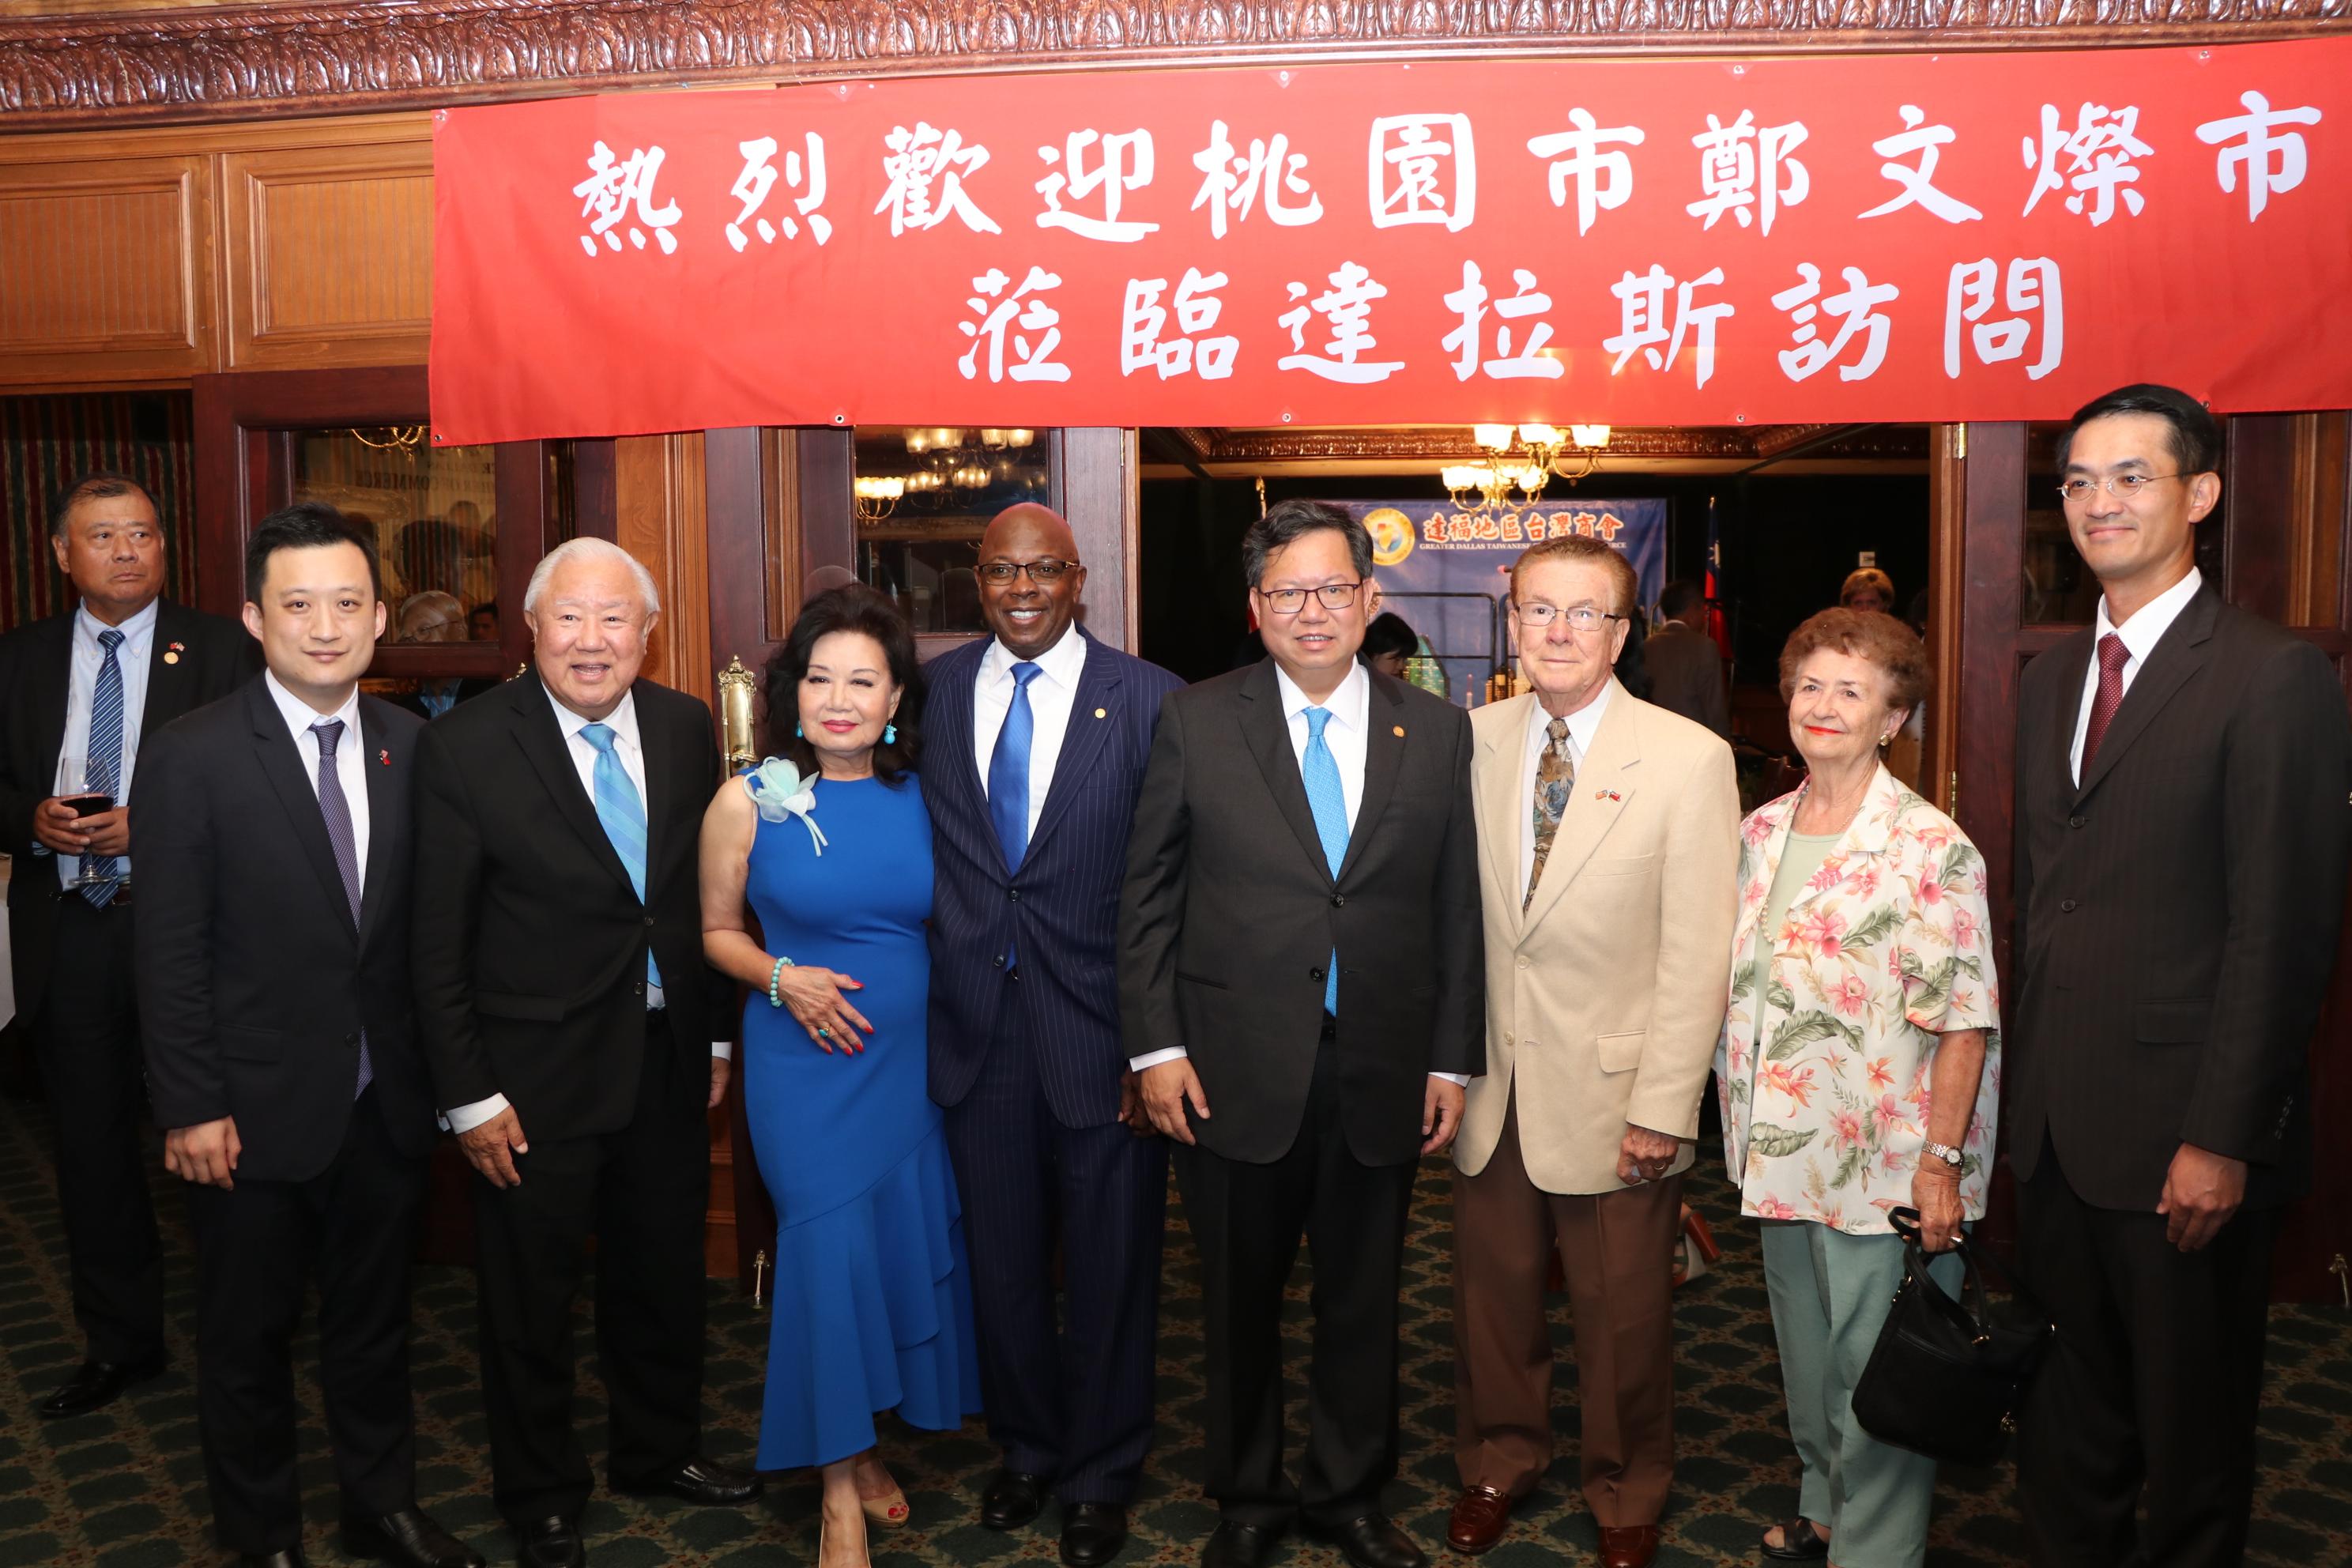 達福台商會前會長谷祖光(左二)與多位政要歡迎鄭文燦(右四)等一行造訪。